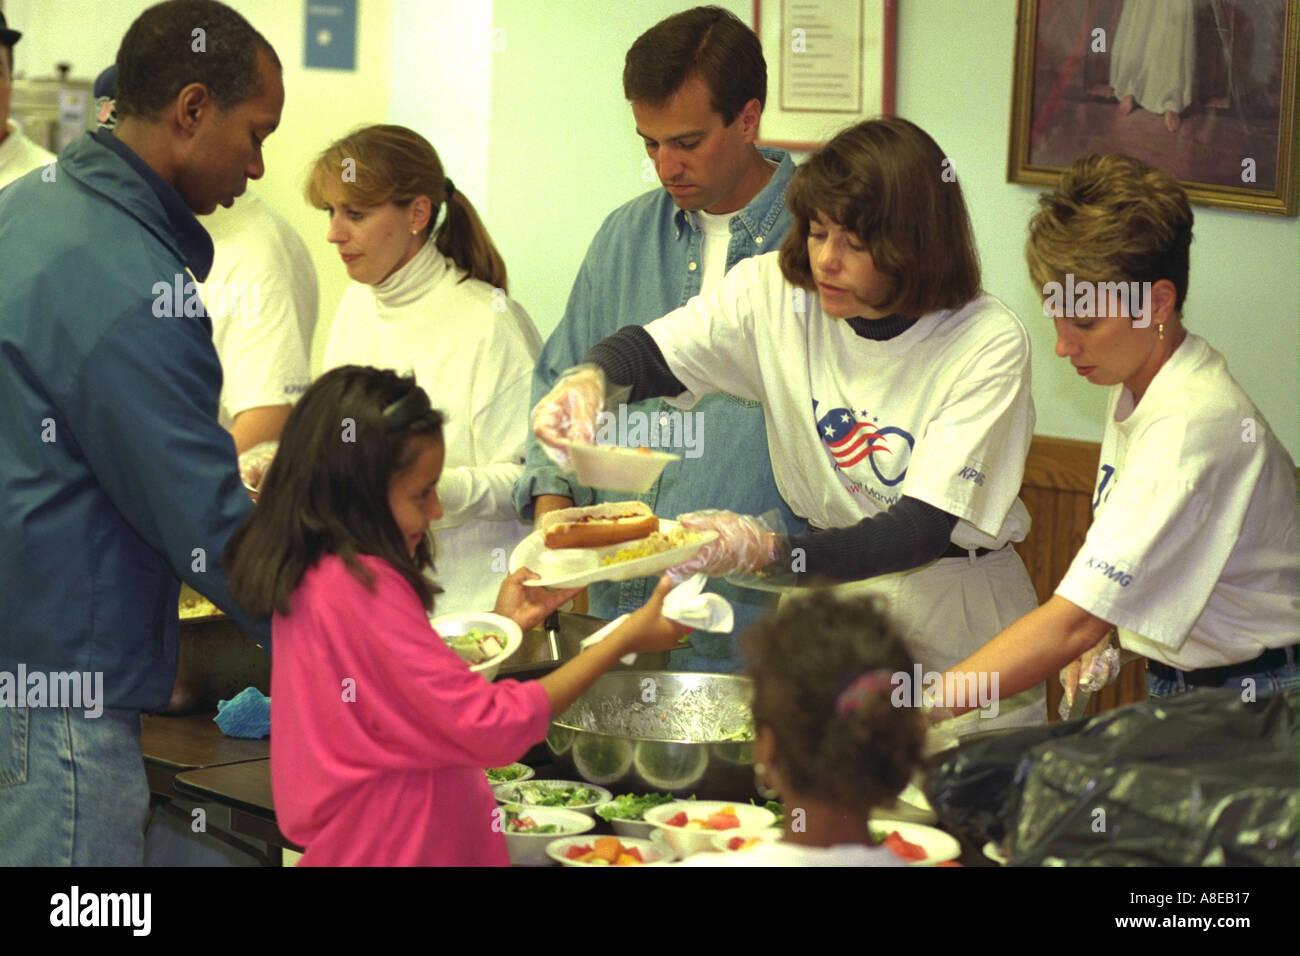 Public Soup Kitchen Stock Photos & Public Soup Kitchen Stock Images ...